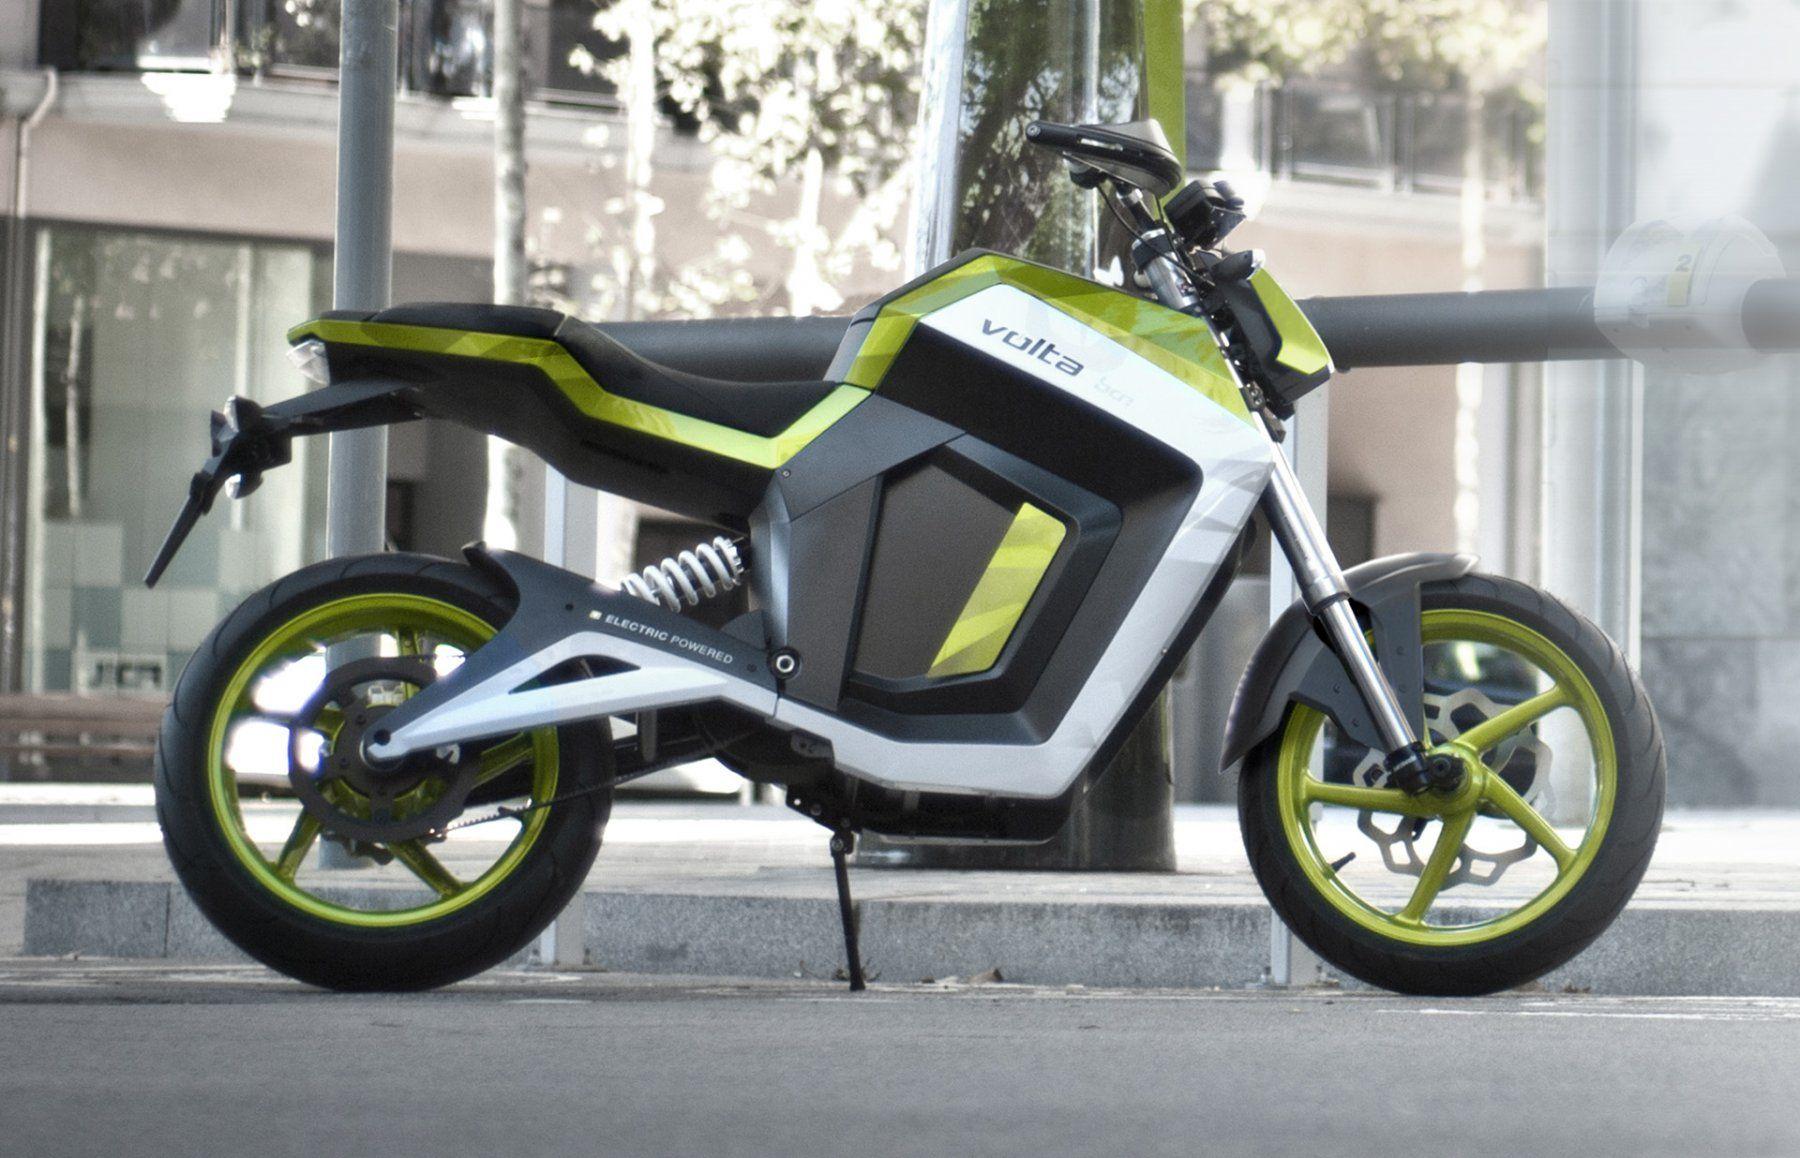 moto lectrique 2016 la volta par bcn sport moto scooter motos d 39 occasion. Black Bedroom Furniture Sets. Home Design Ideas